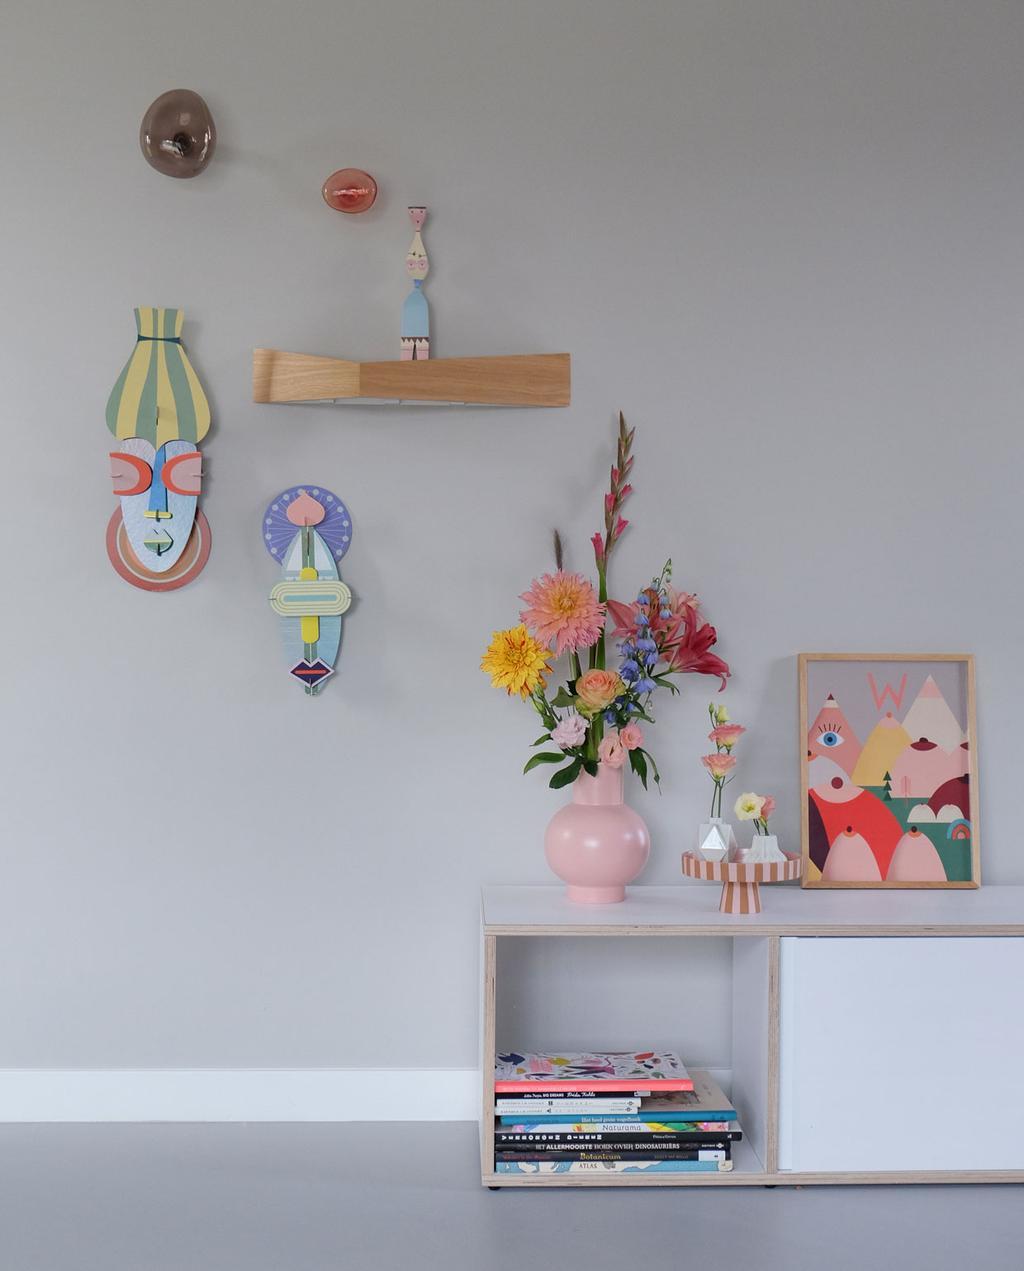 vtwonen | Blog PRCHTG Boobies decoratie met een bos bloemen